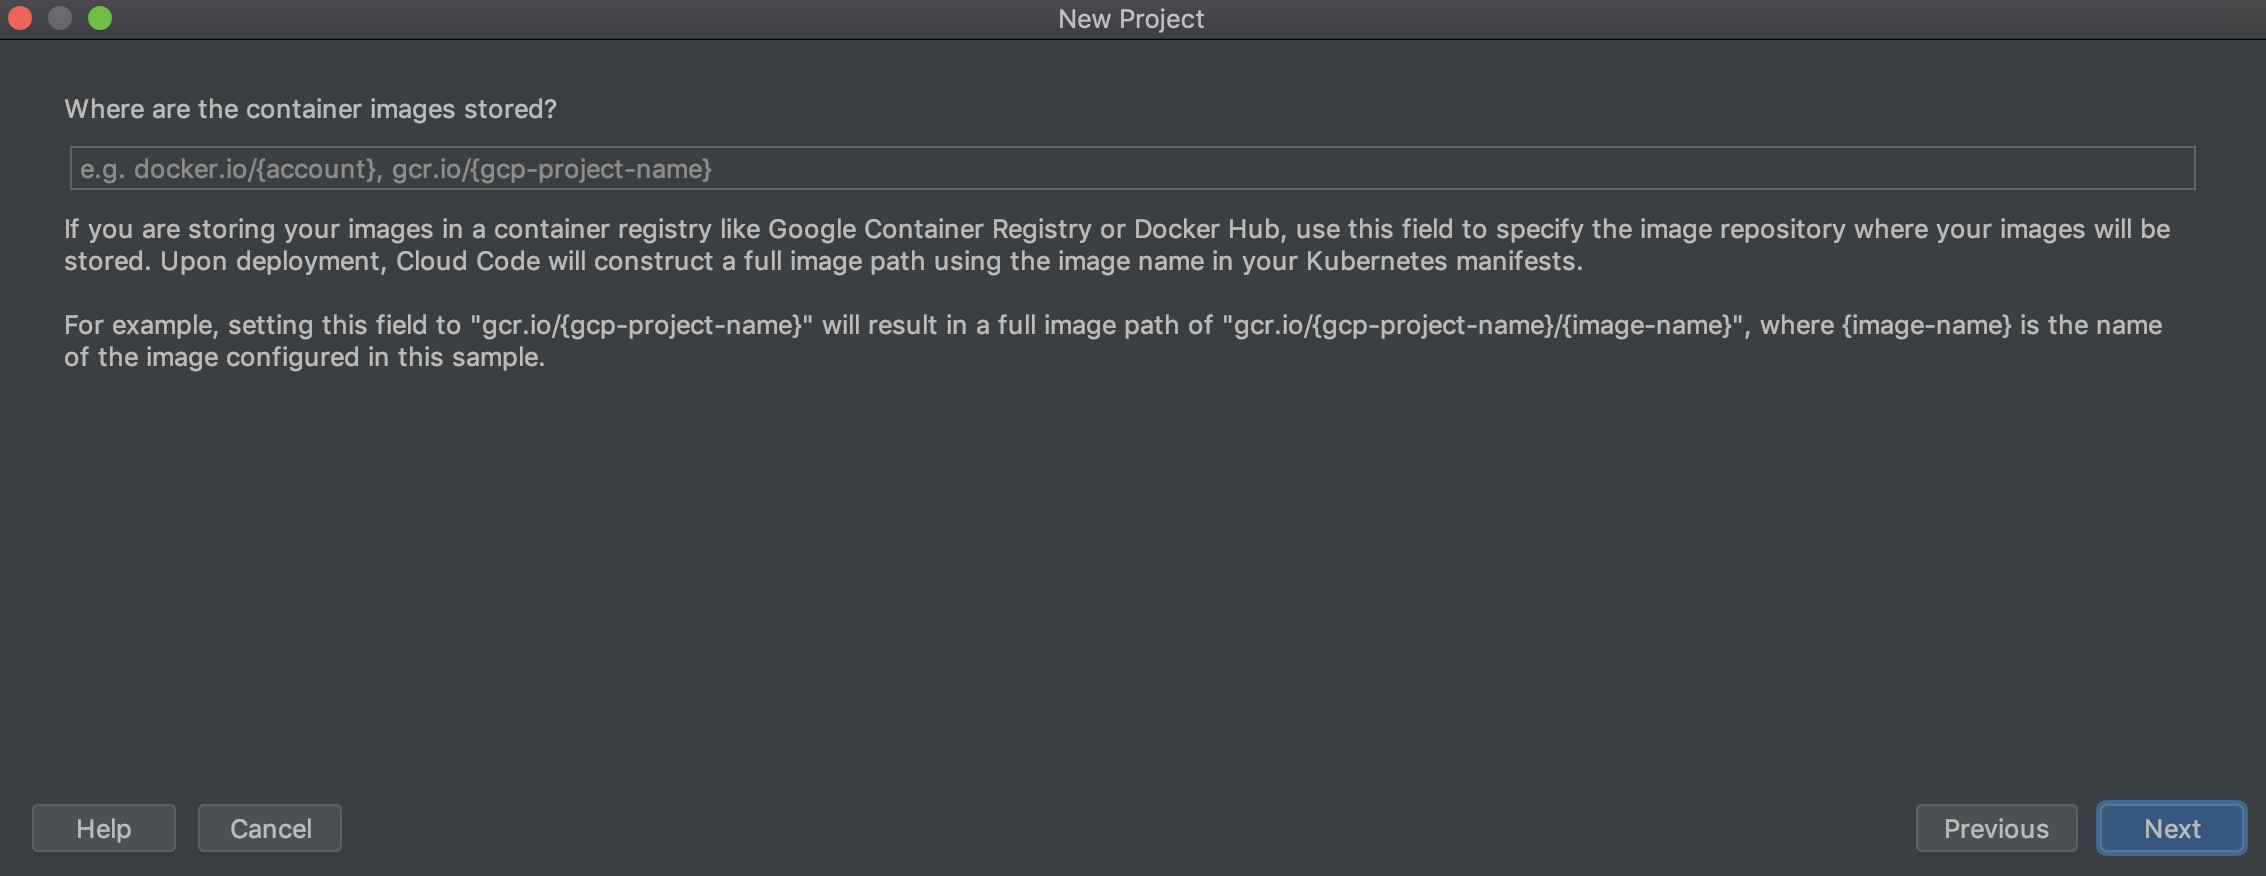 Especifica tu repositorio de imágenes predeterminado en el campo mediante el formato gcr.io/{gcp-project-name} o docker.io/{account}.